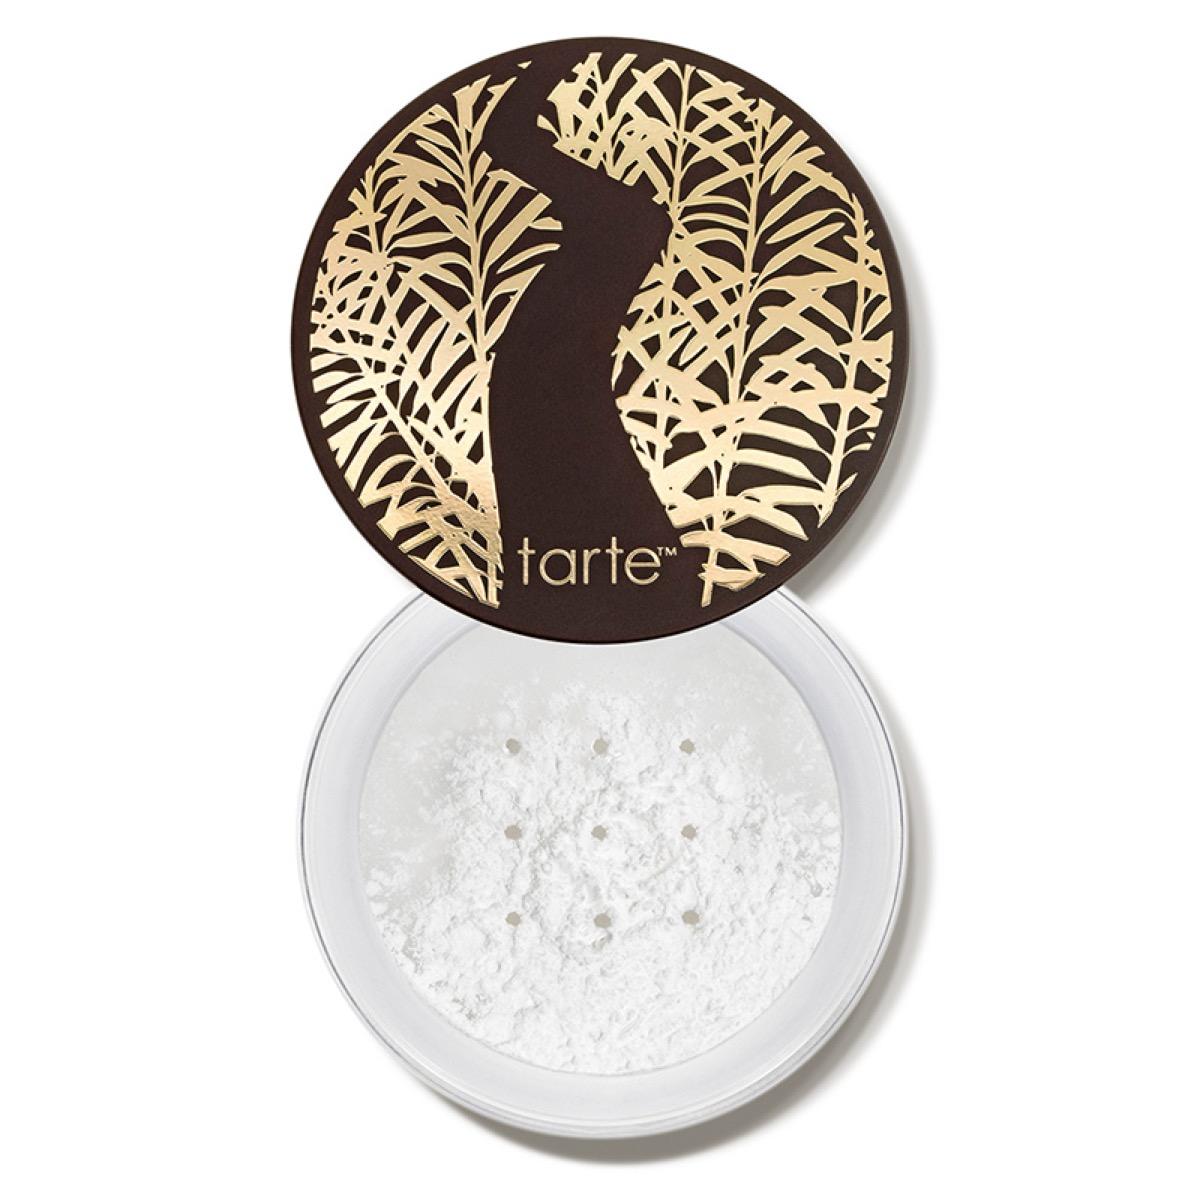 Authorized Retailer Tarte Cosmetics Smooth Operator Amazonian Clay Loose Finishing Powder - Translucent (0.3 oz.)